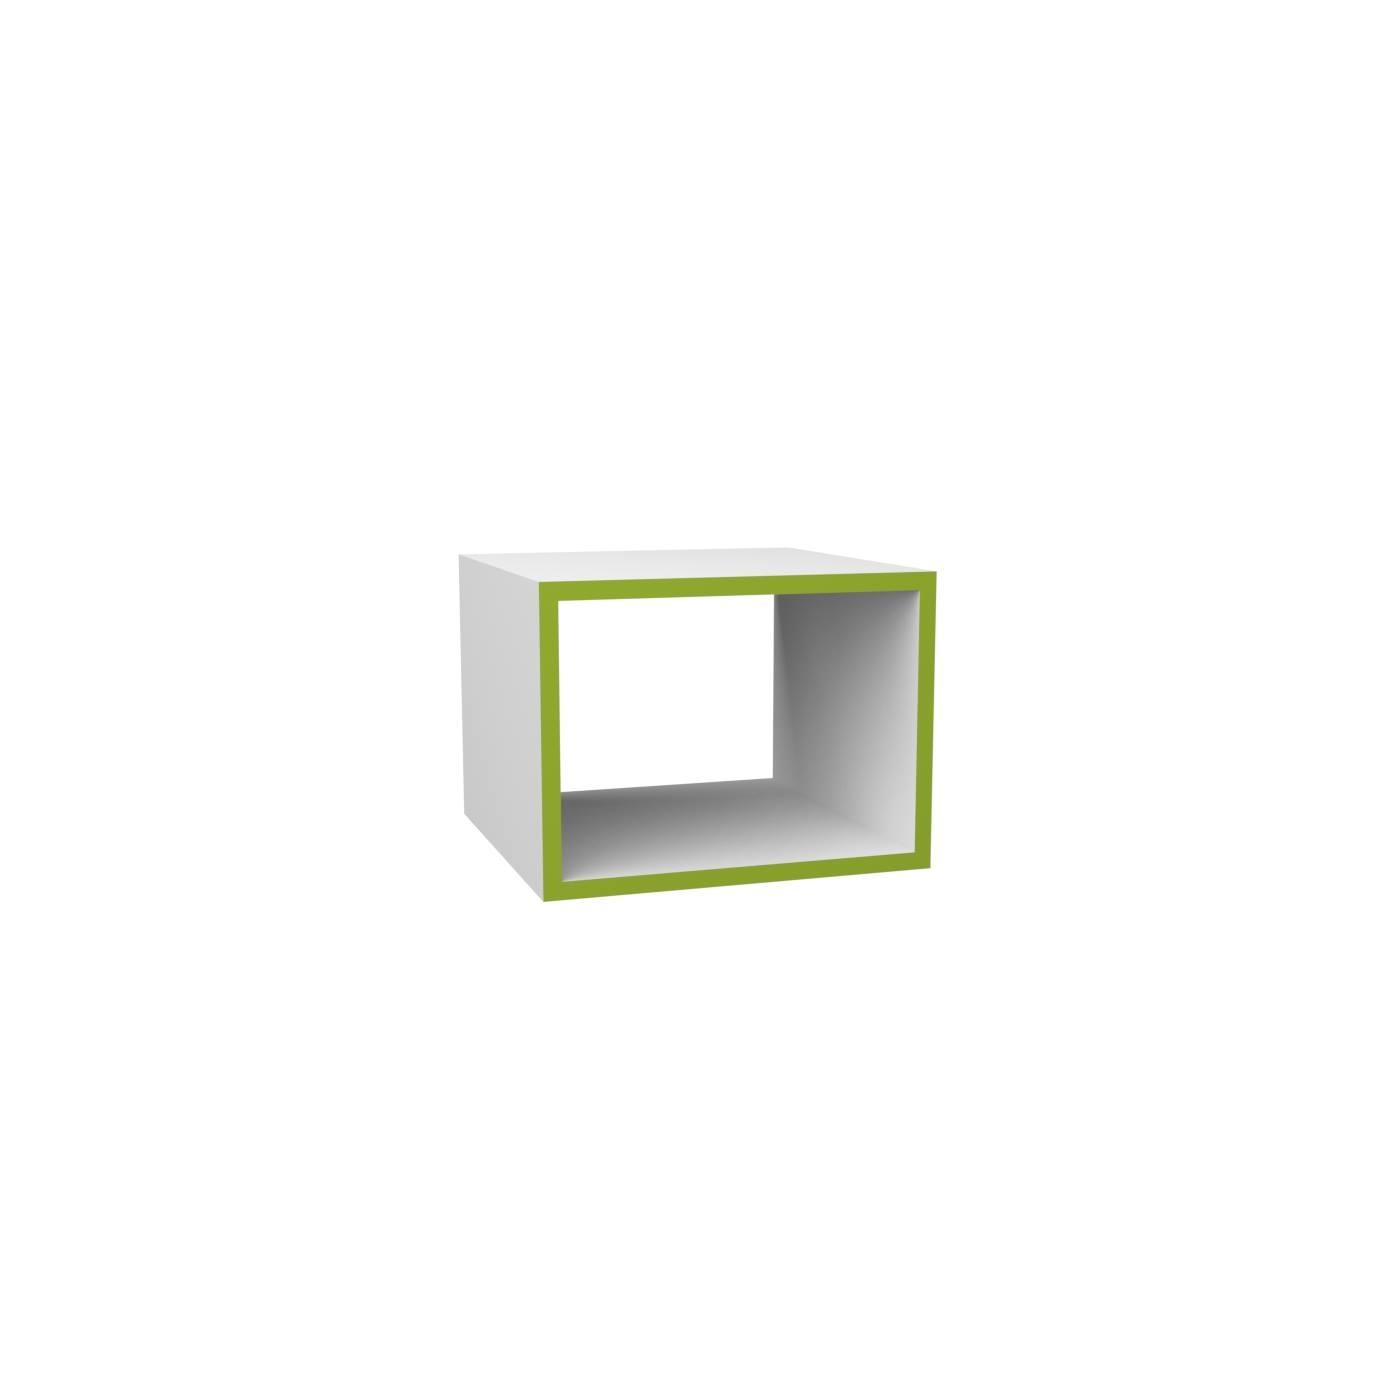 κουτι βιτρινας κυβος καταστημα